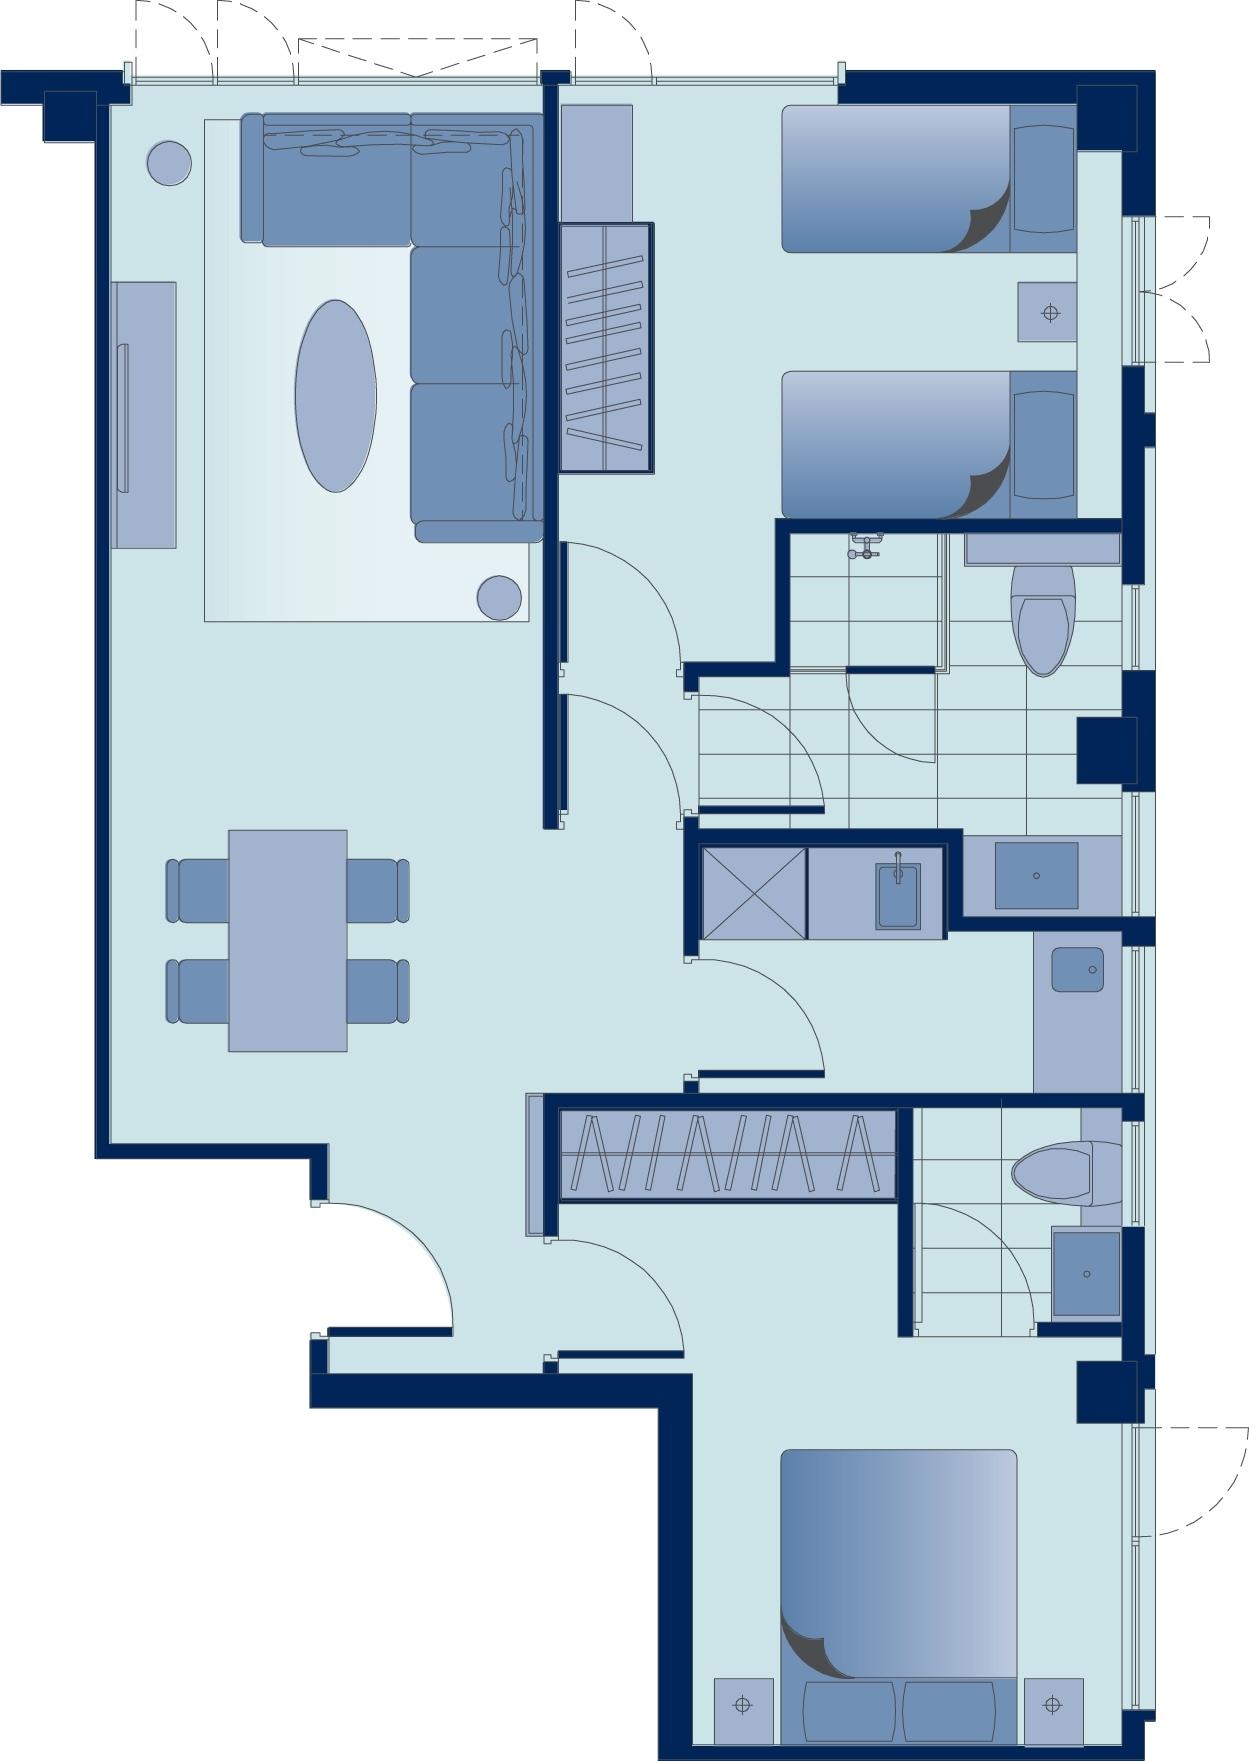 Floor plan 2 at Tsim Sha Tsui Apartments